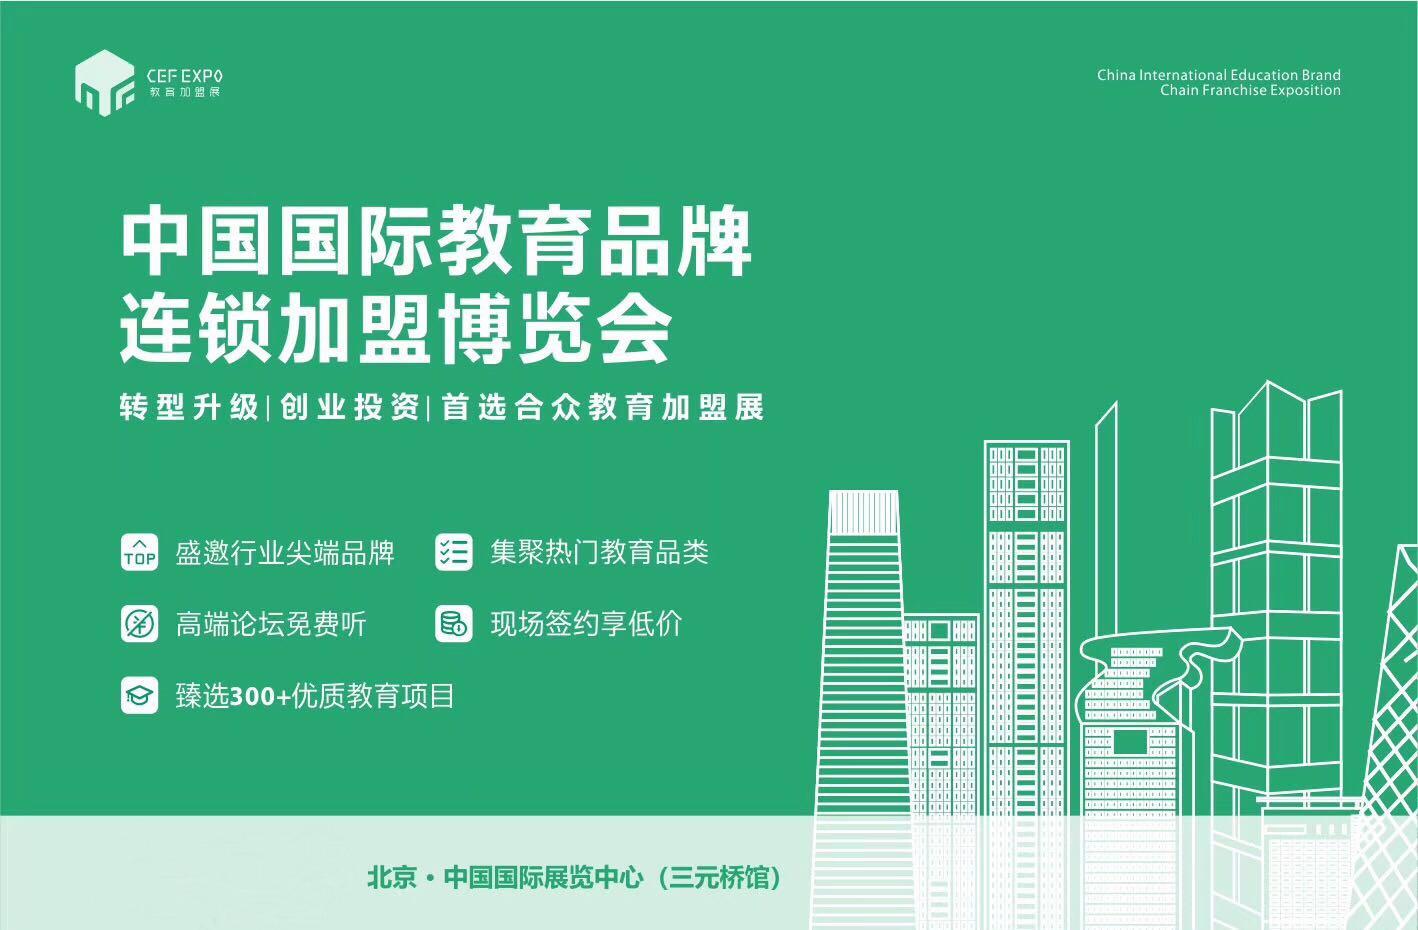 2019中國國際教育品牌連鎖加盟博覽會